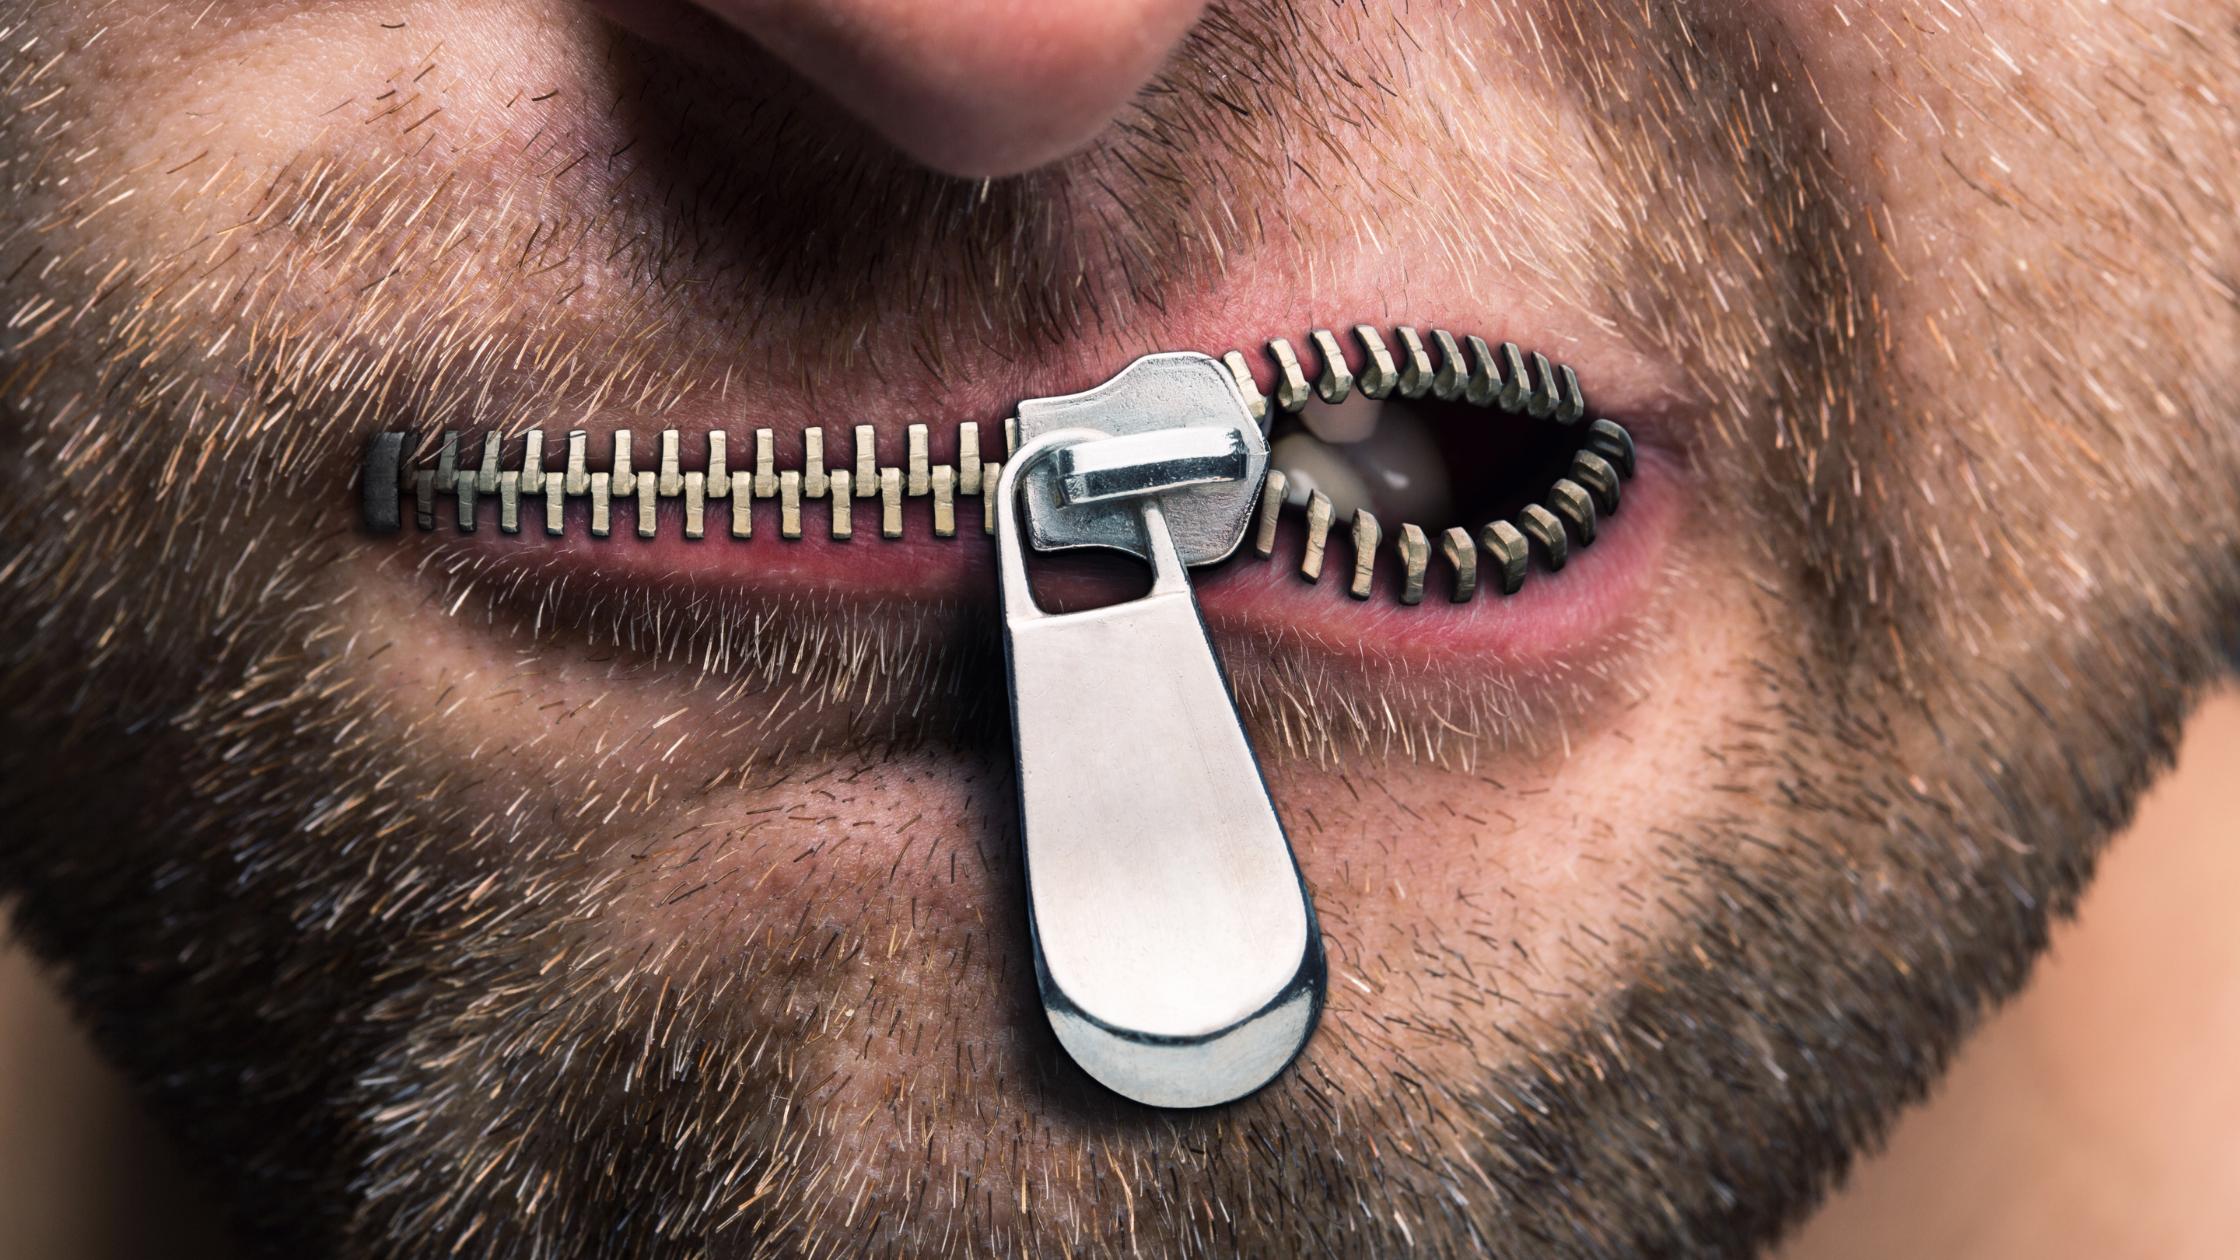 Trastornos de Habla y Voz en la enfermedad de Parkinson